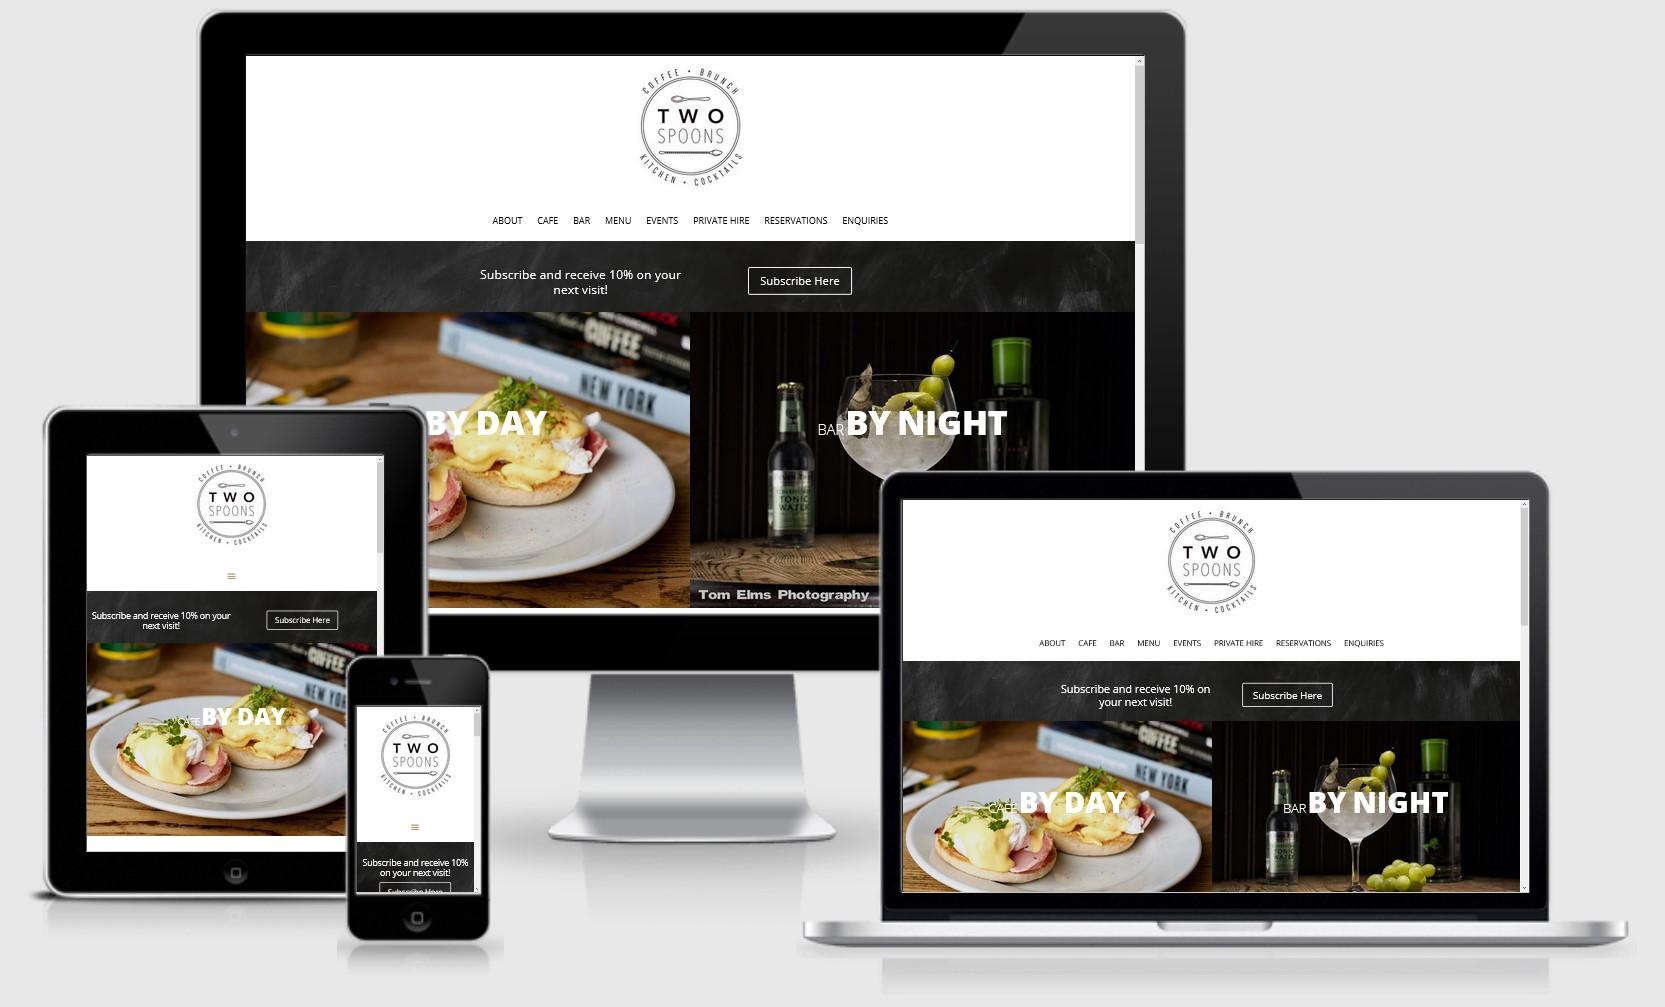 2 Spoons Cafe Bar Website